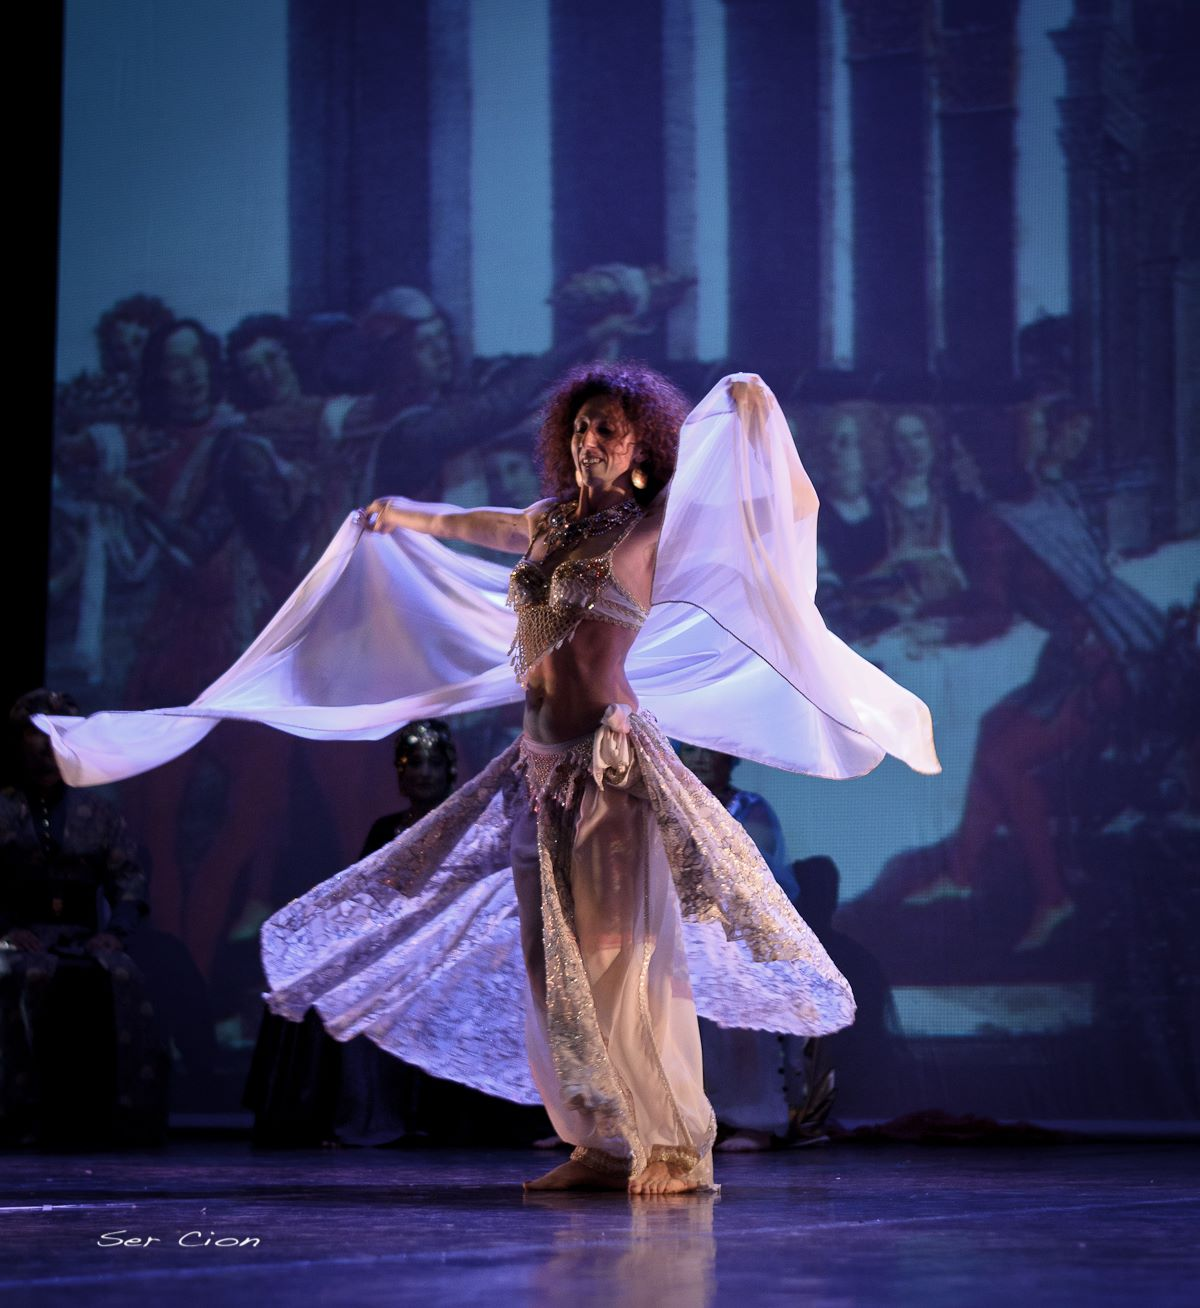 Farida toniolo dance in time